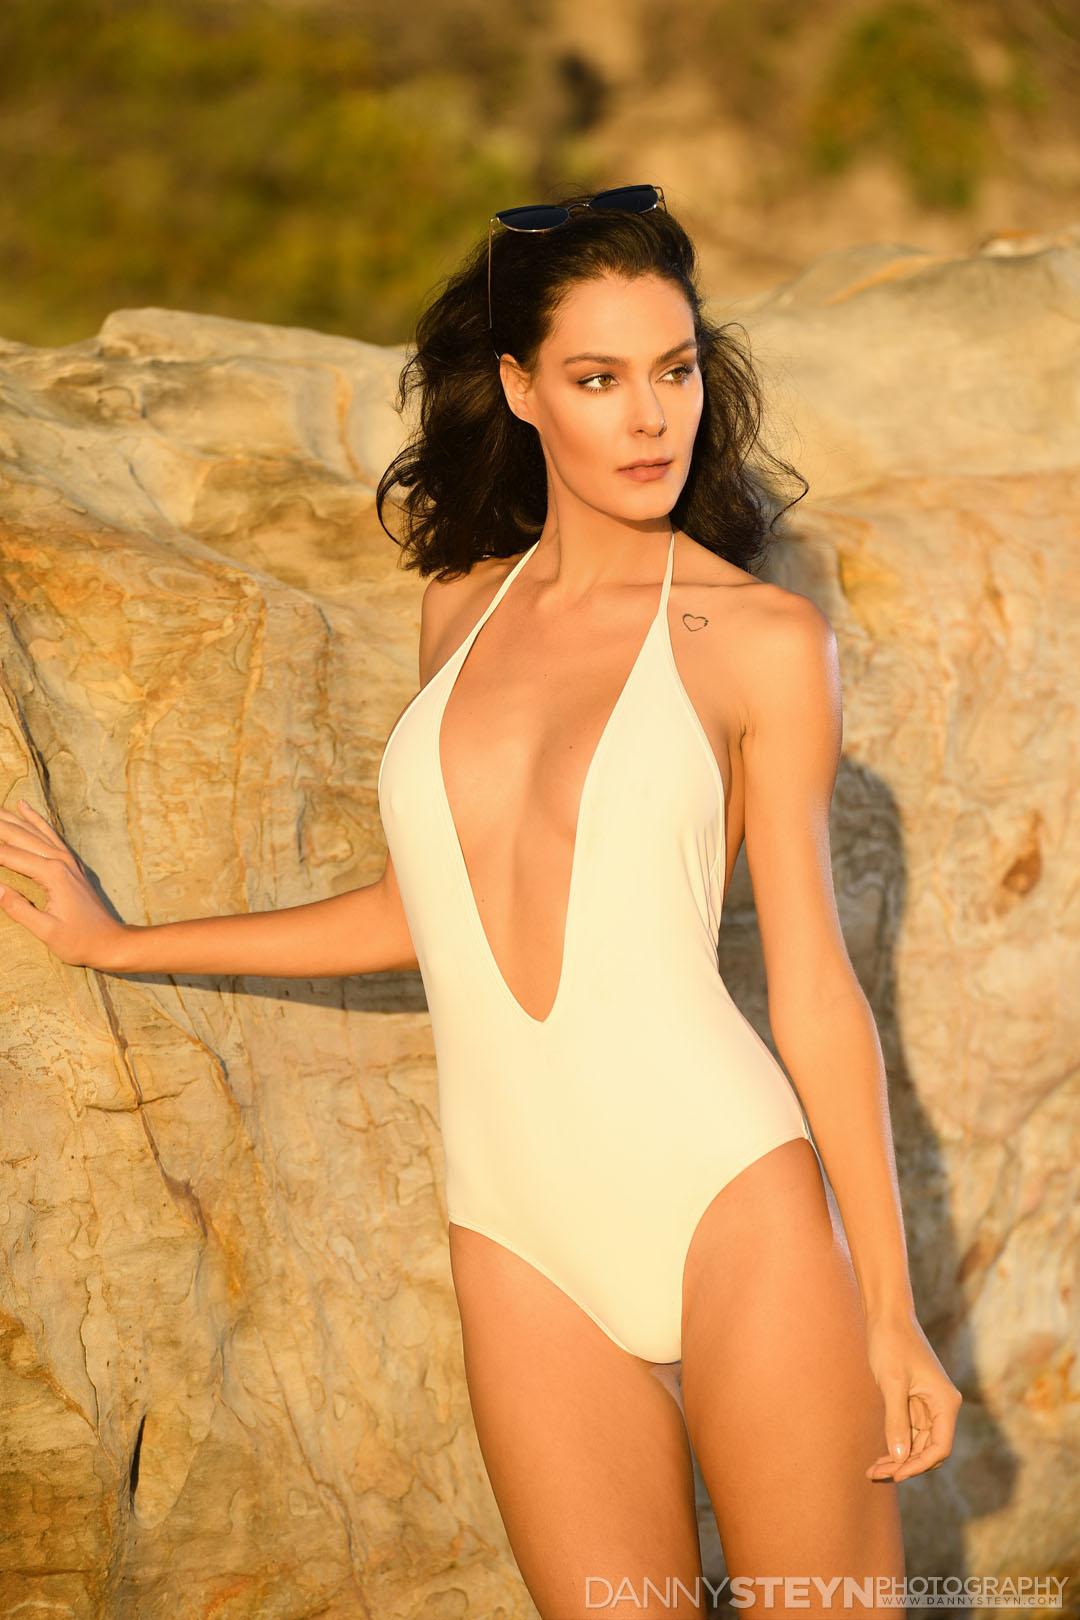 Bikini Ft Lauderdale Nude Photography Jpg